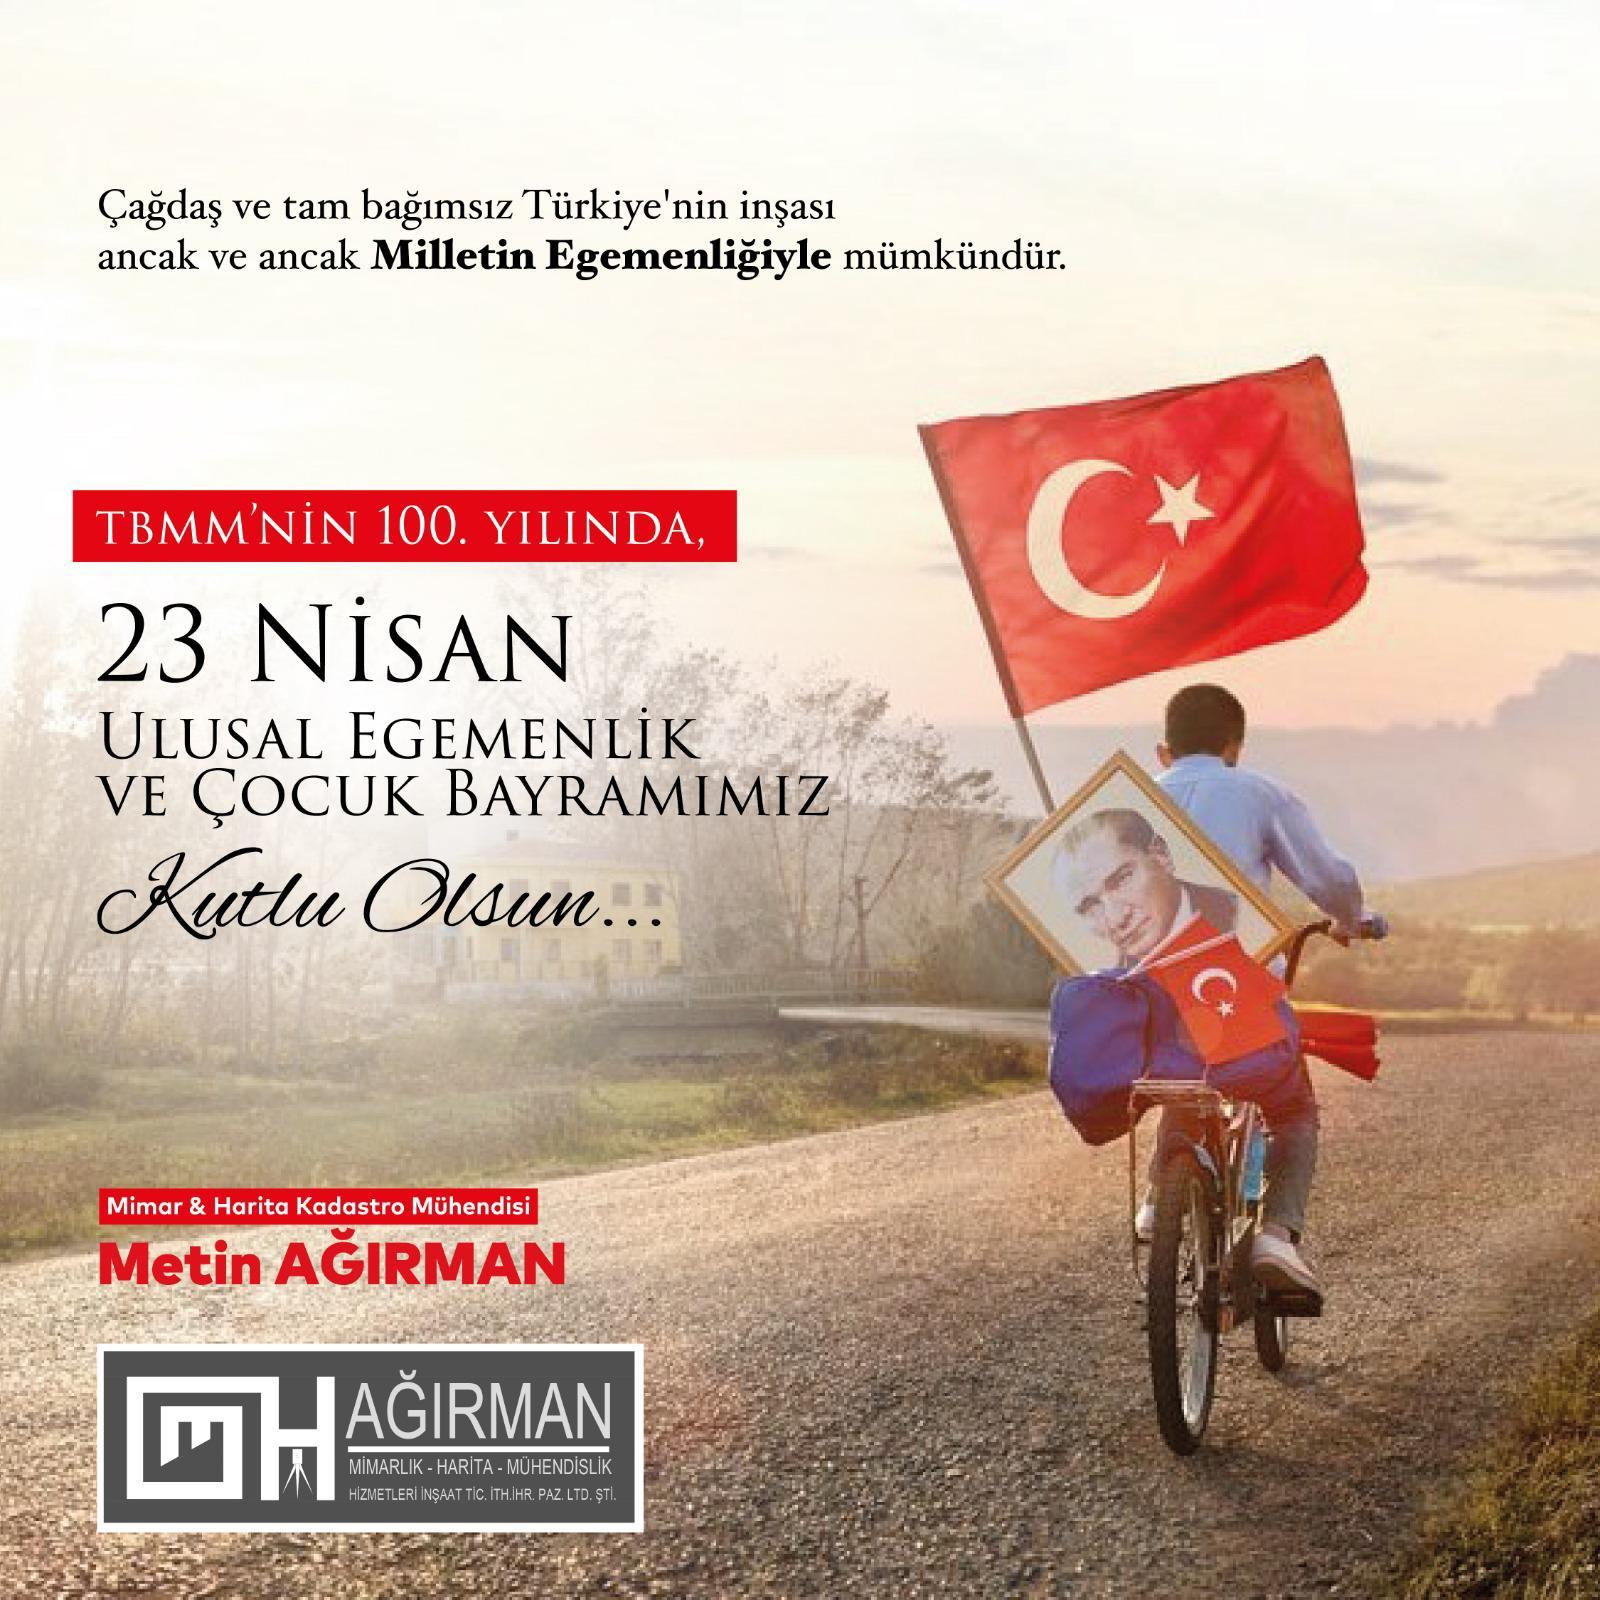 Atatürk ve Ulusal Egemenlik